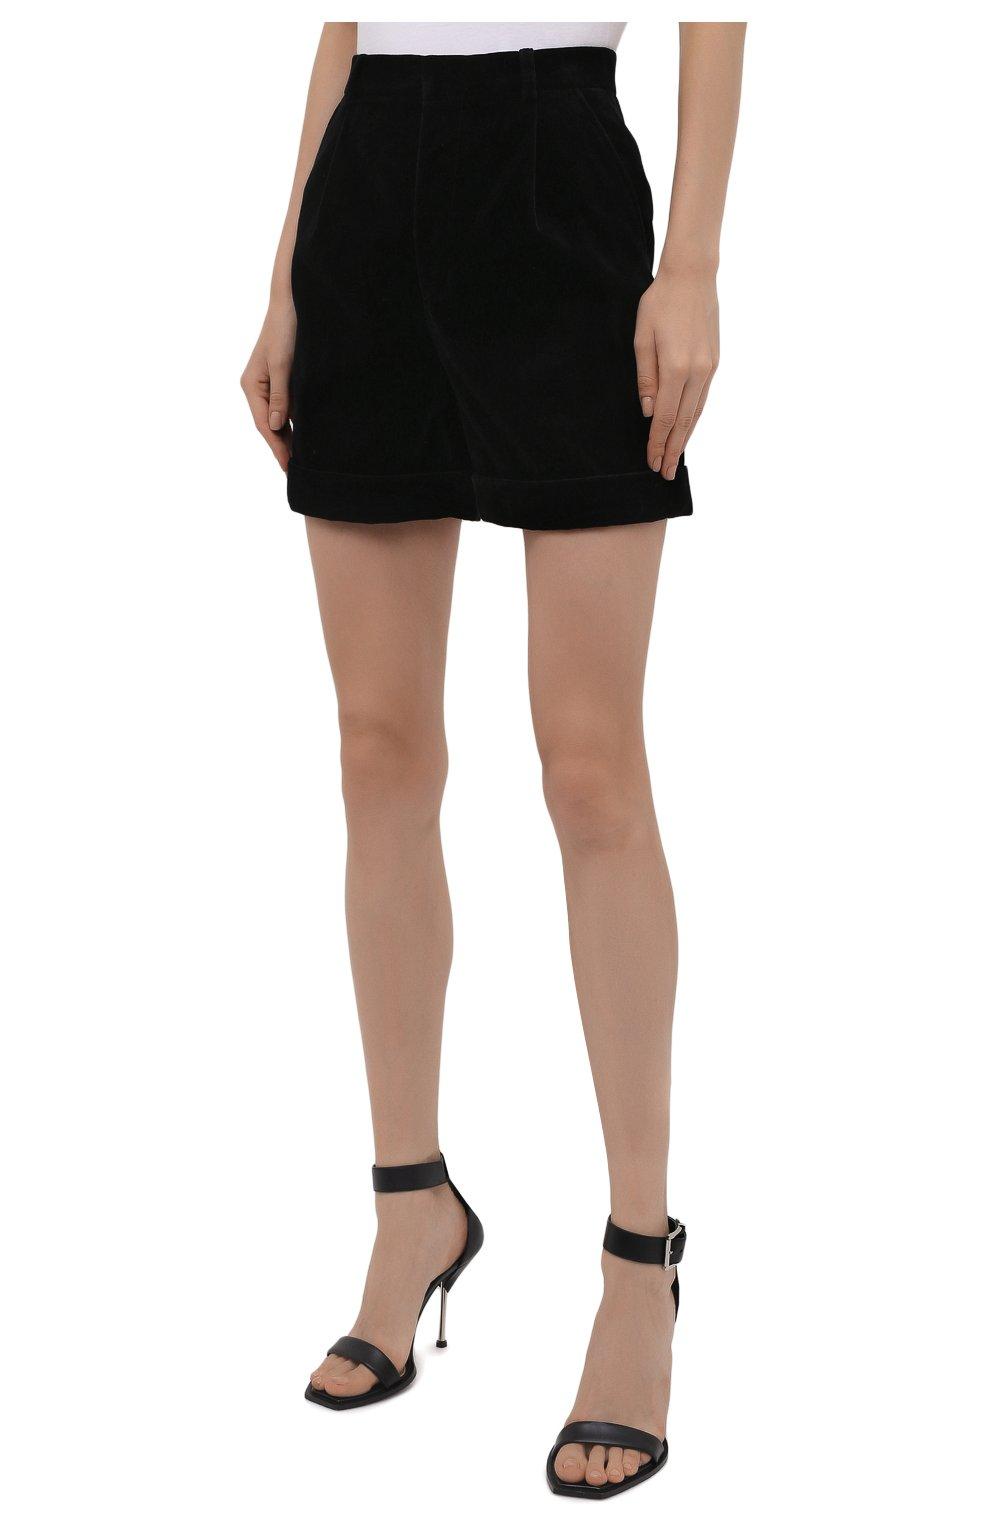 Женские хлопковые шорты SAINT LAURENT черного цвета, арт. 661357/Y615W | Фото 3 (Женское Кросс-КТ: Шорты-одежда; Стили: Гламурный; Длина Ж (юбки, платья, шорты): Мини; Материал внешний: Хлопок; Материал подклада: Шелк)